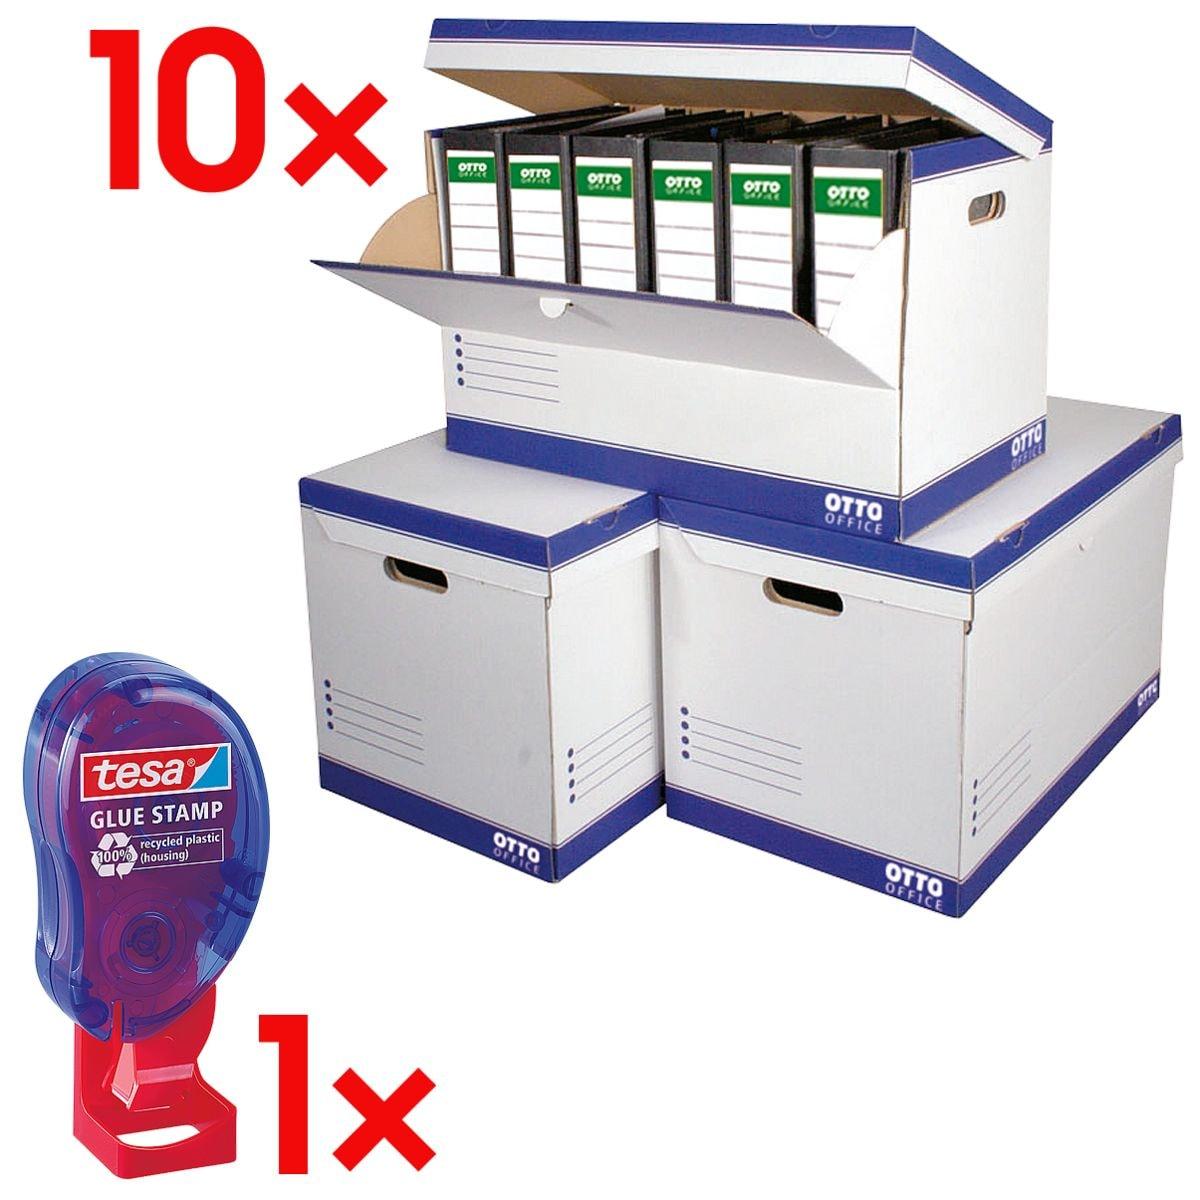 OTTO Office Ordner-Container - 10 Stück (halboffen) inkl. Klebestempel »ecoLogo®« 59099 200 Stk.